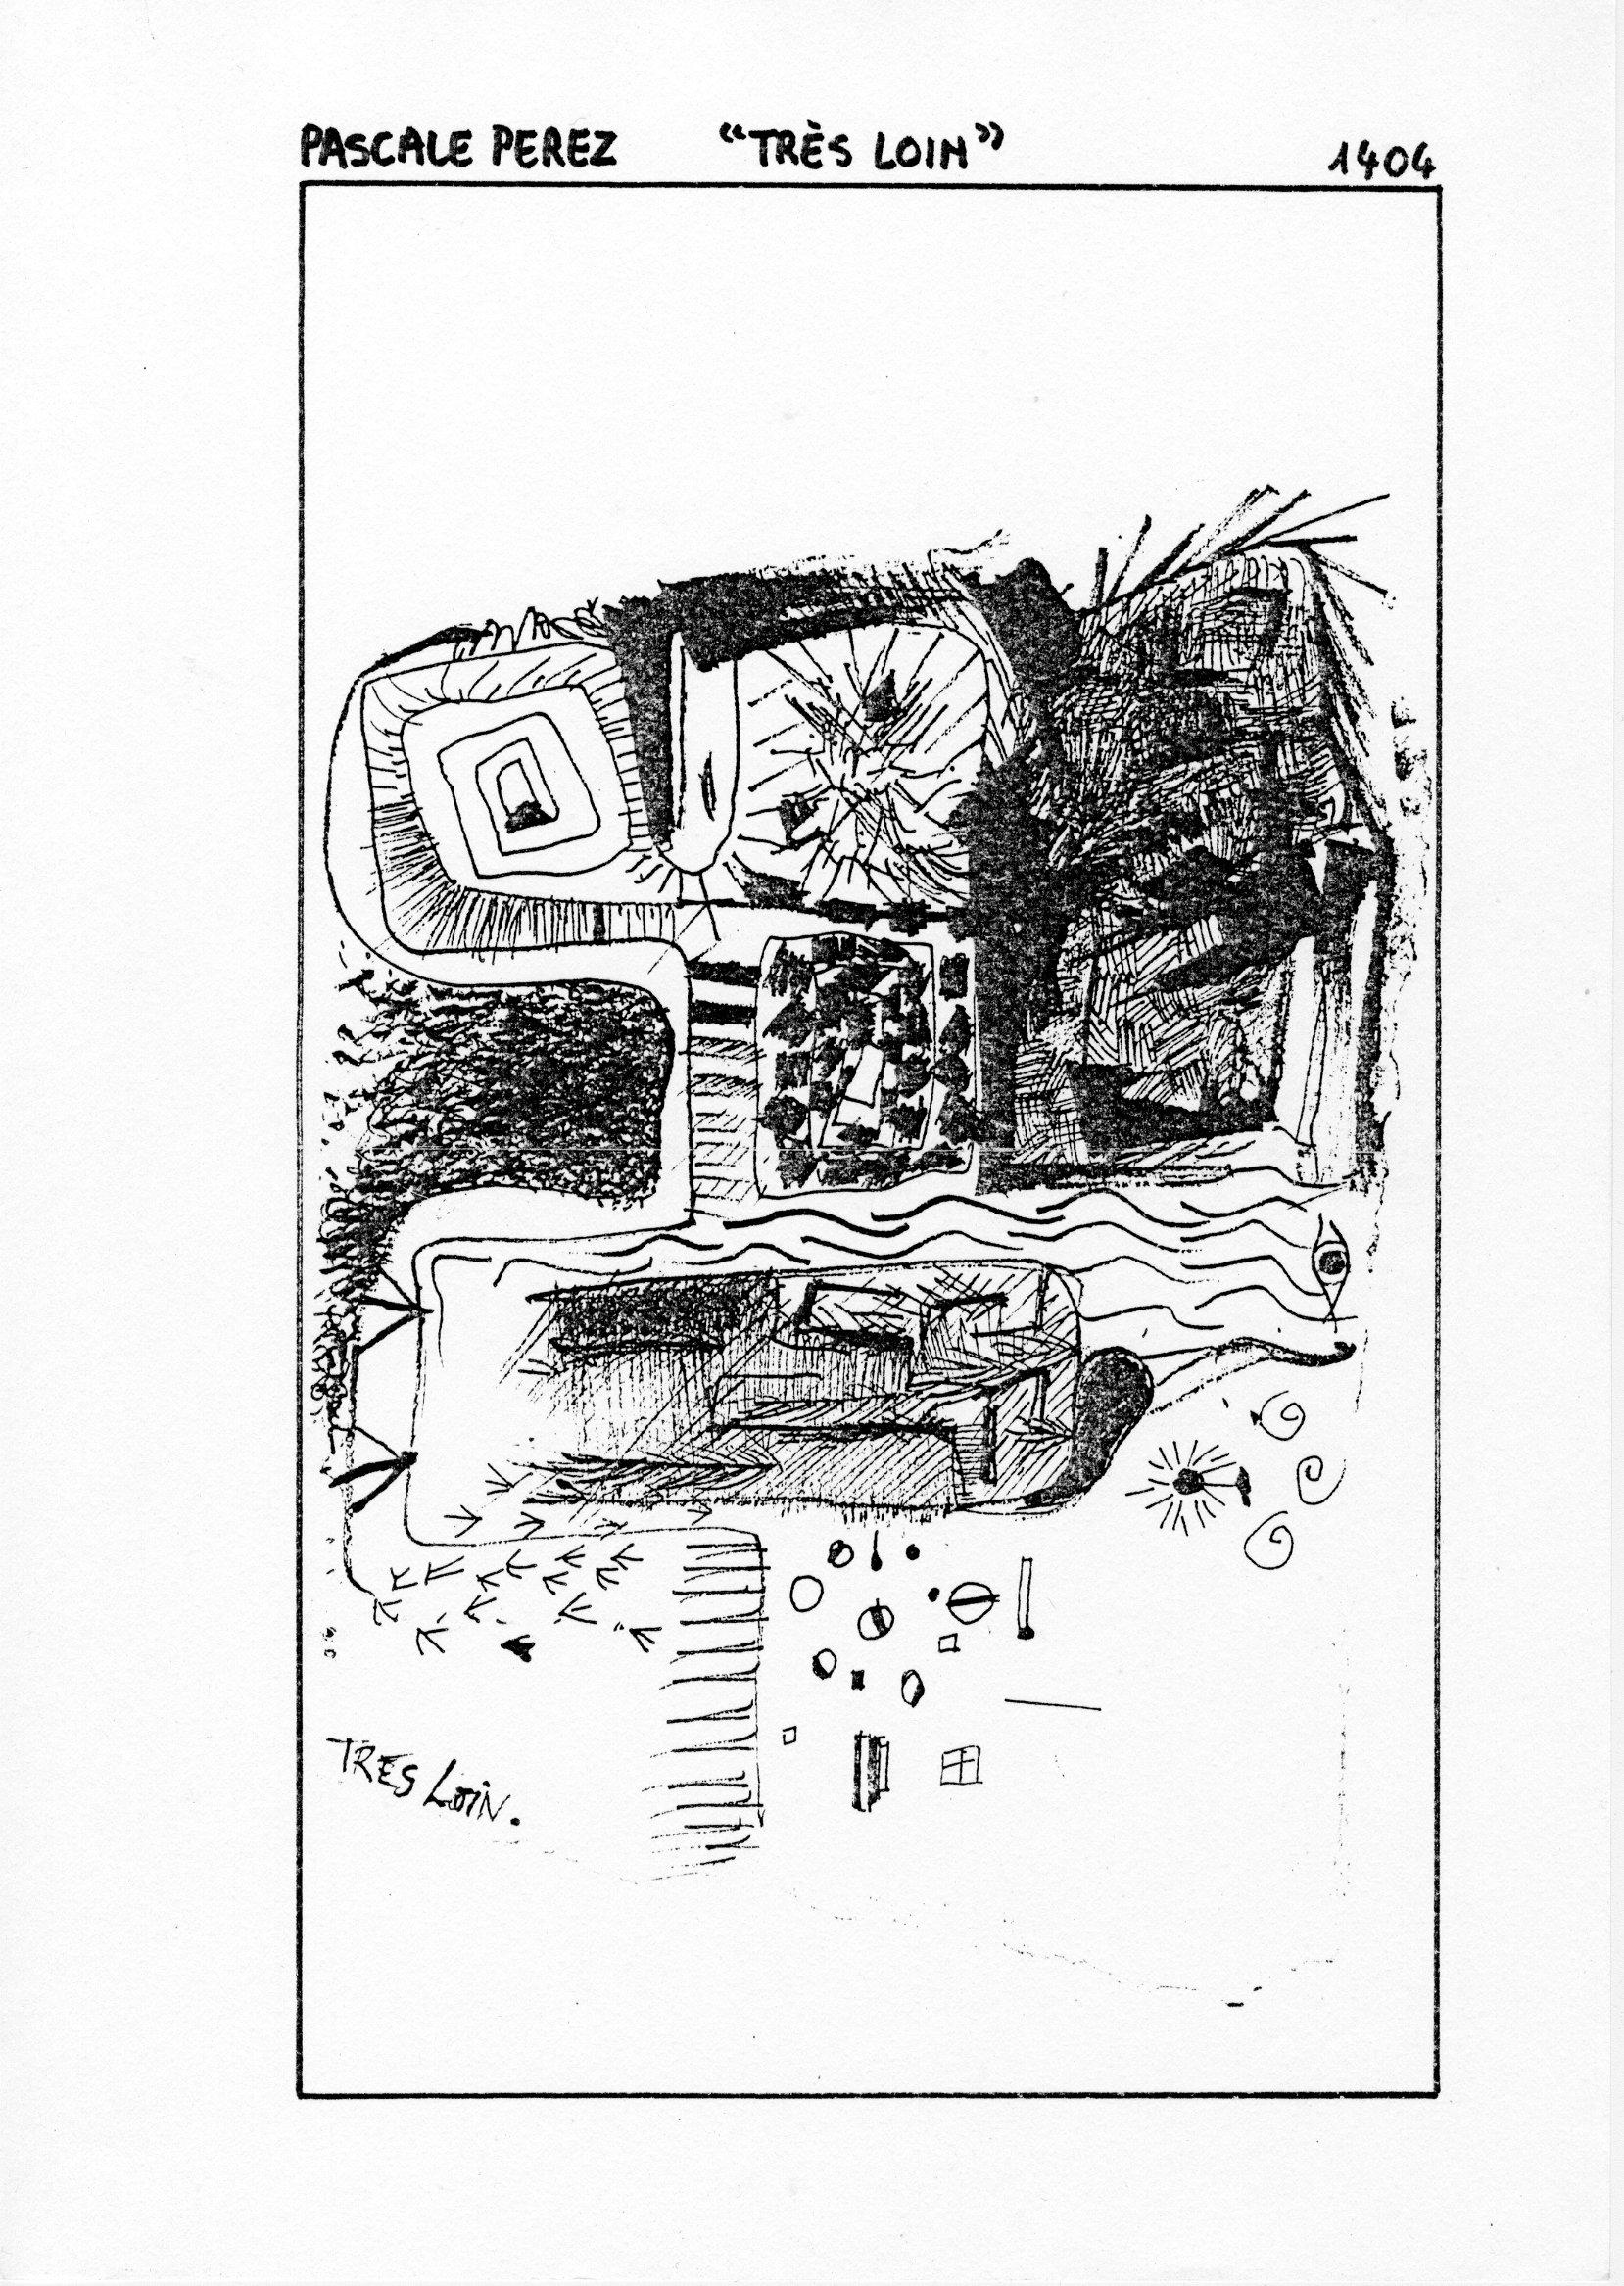 page 1404 P. Pérez TRES LOIN